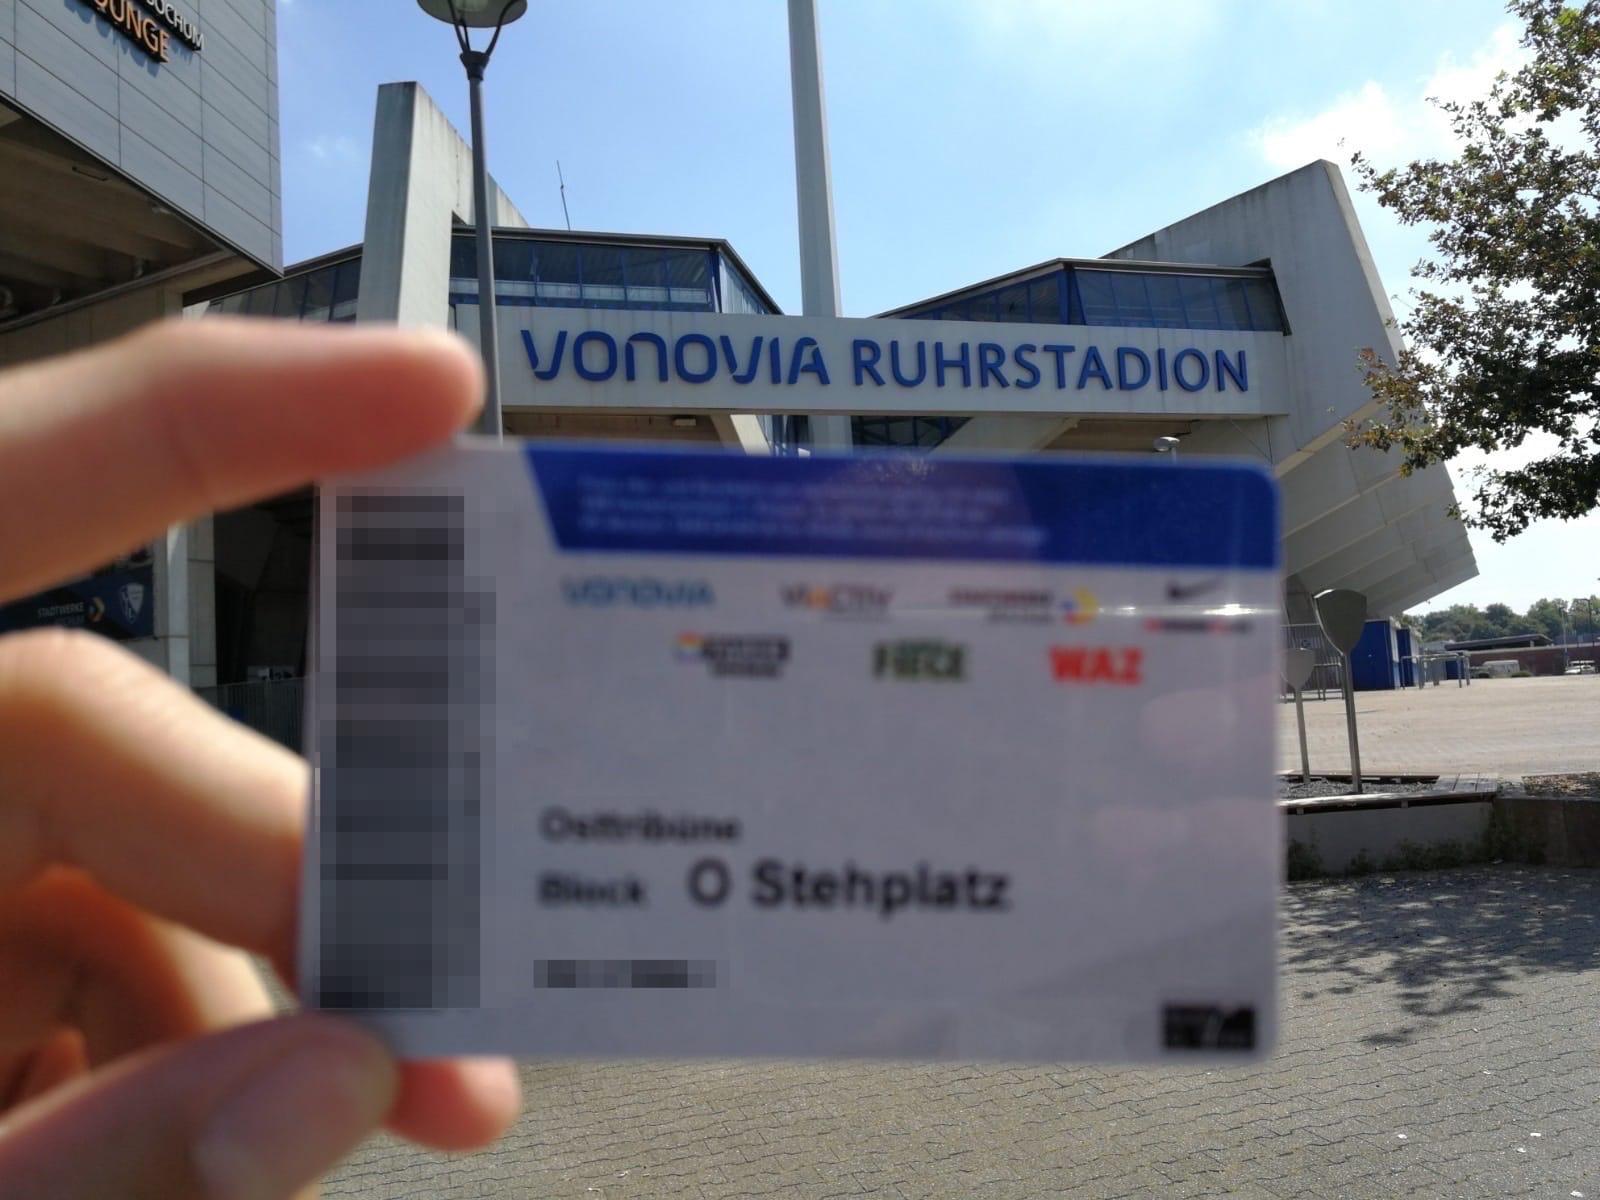 Dauerkarte des VfL Bochum (Osttribüne) - im Hintergrund das Ruhrstadion